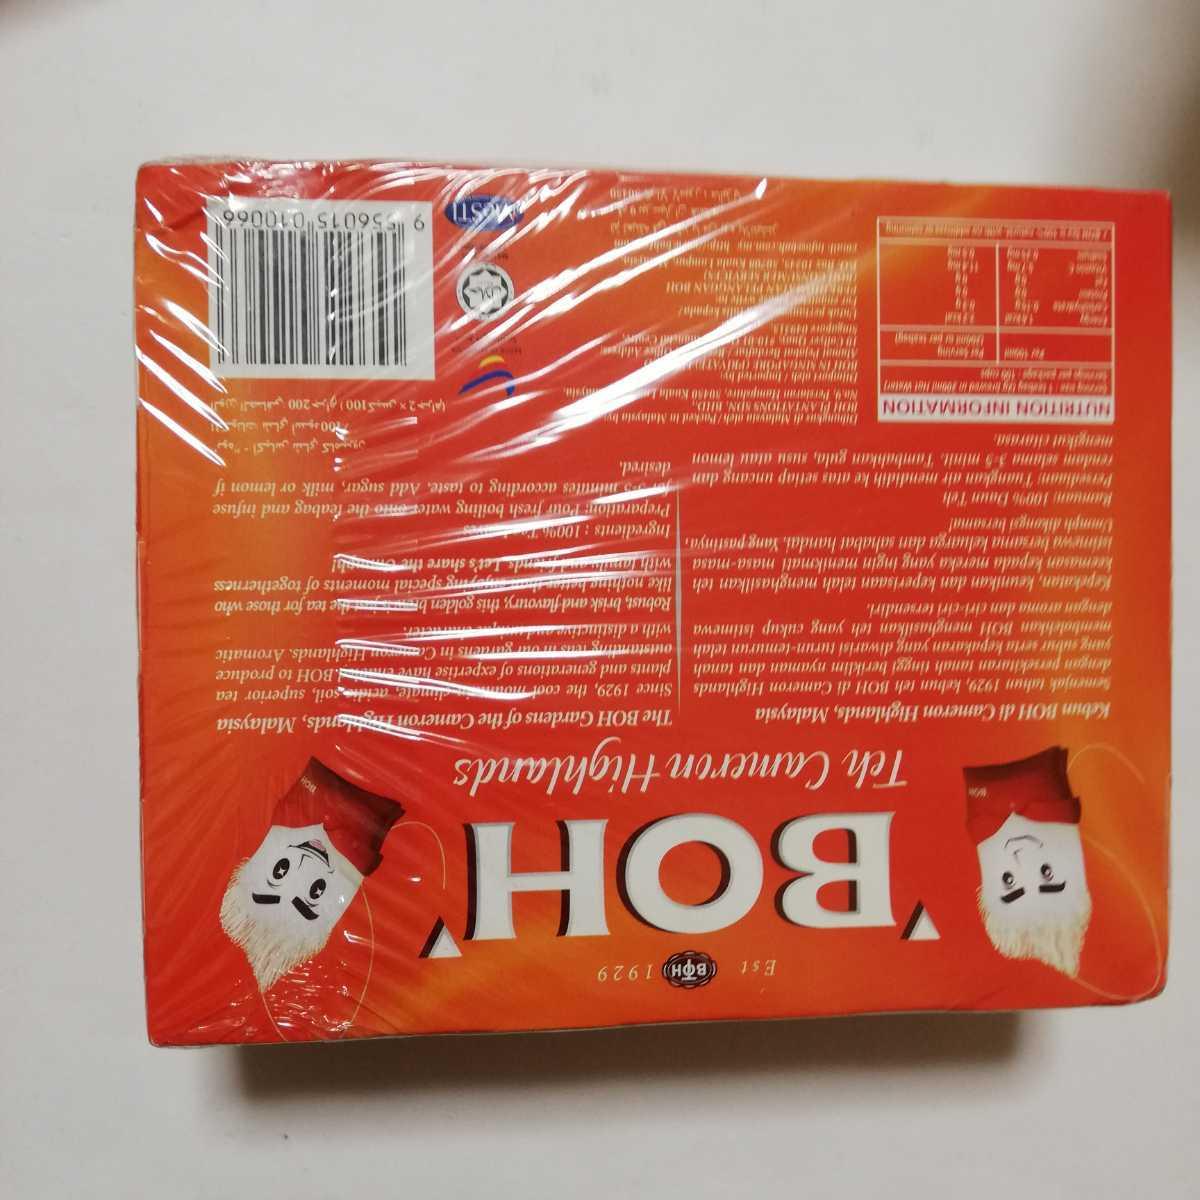 100個 ティーバッグ 食品 シンガポール お土産 紅茶 茶葉 BOH キャメロンハイランドティー